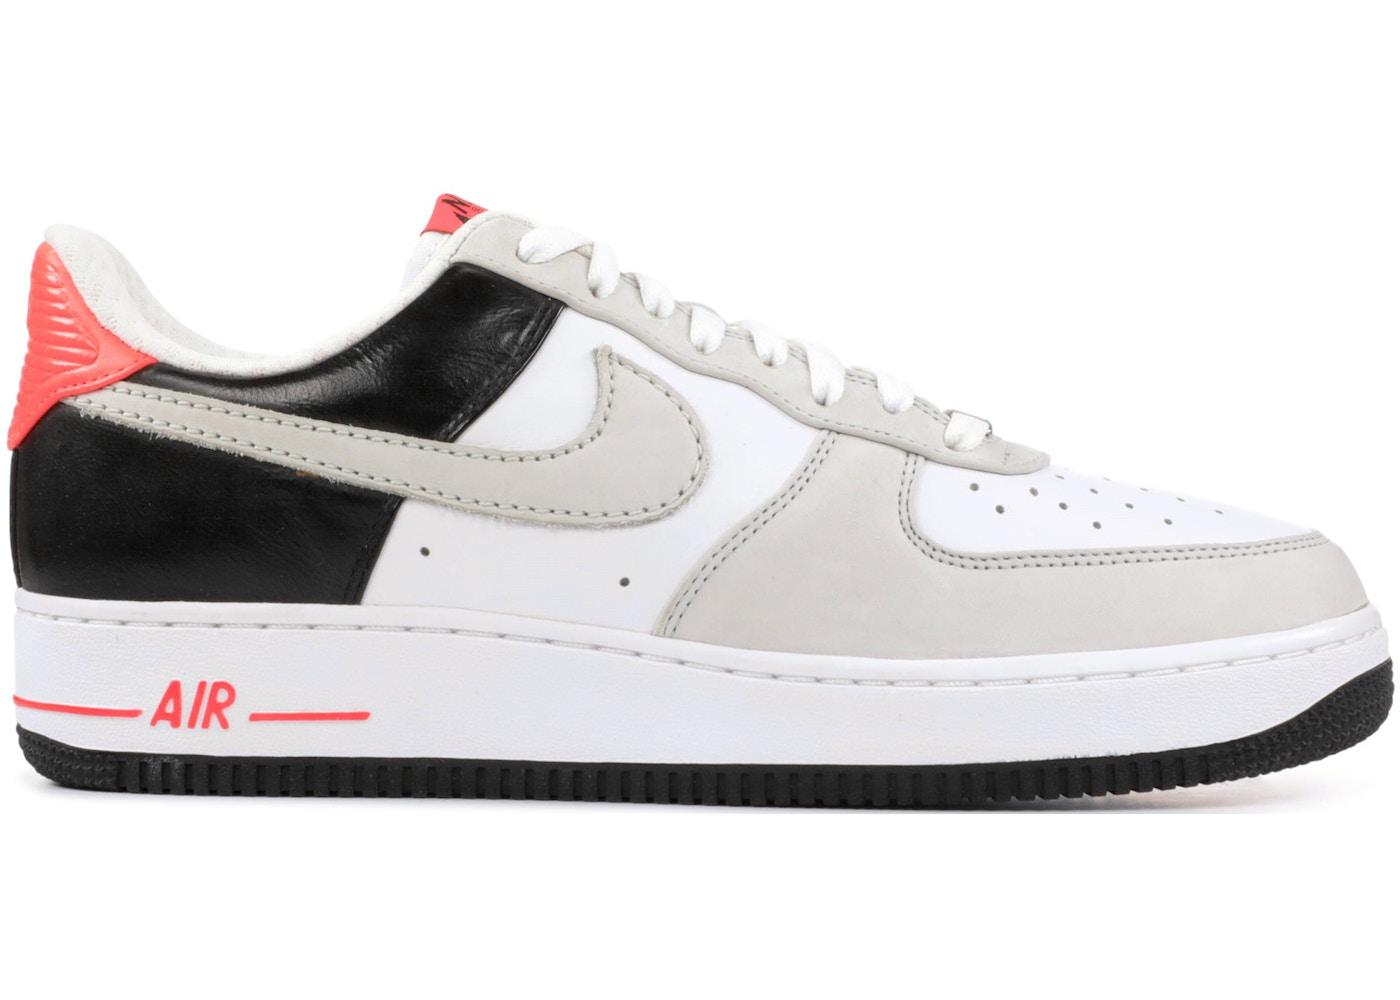 Nike Air Force 1 Low Premium Infrared - 318775-101